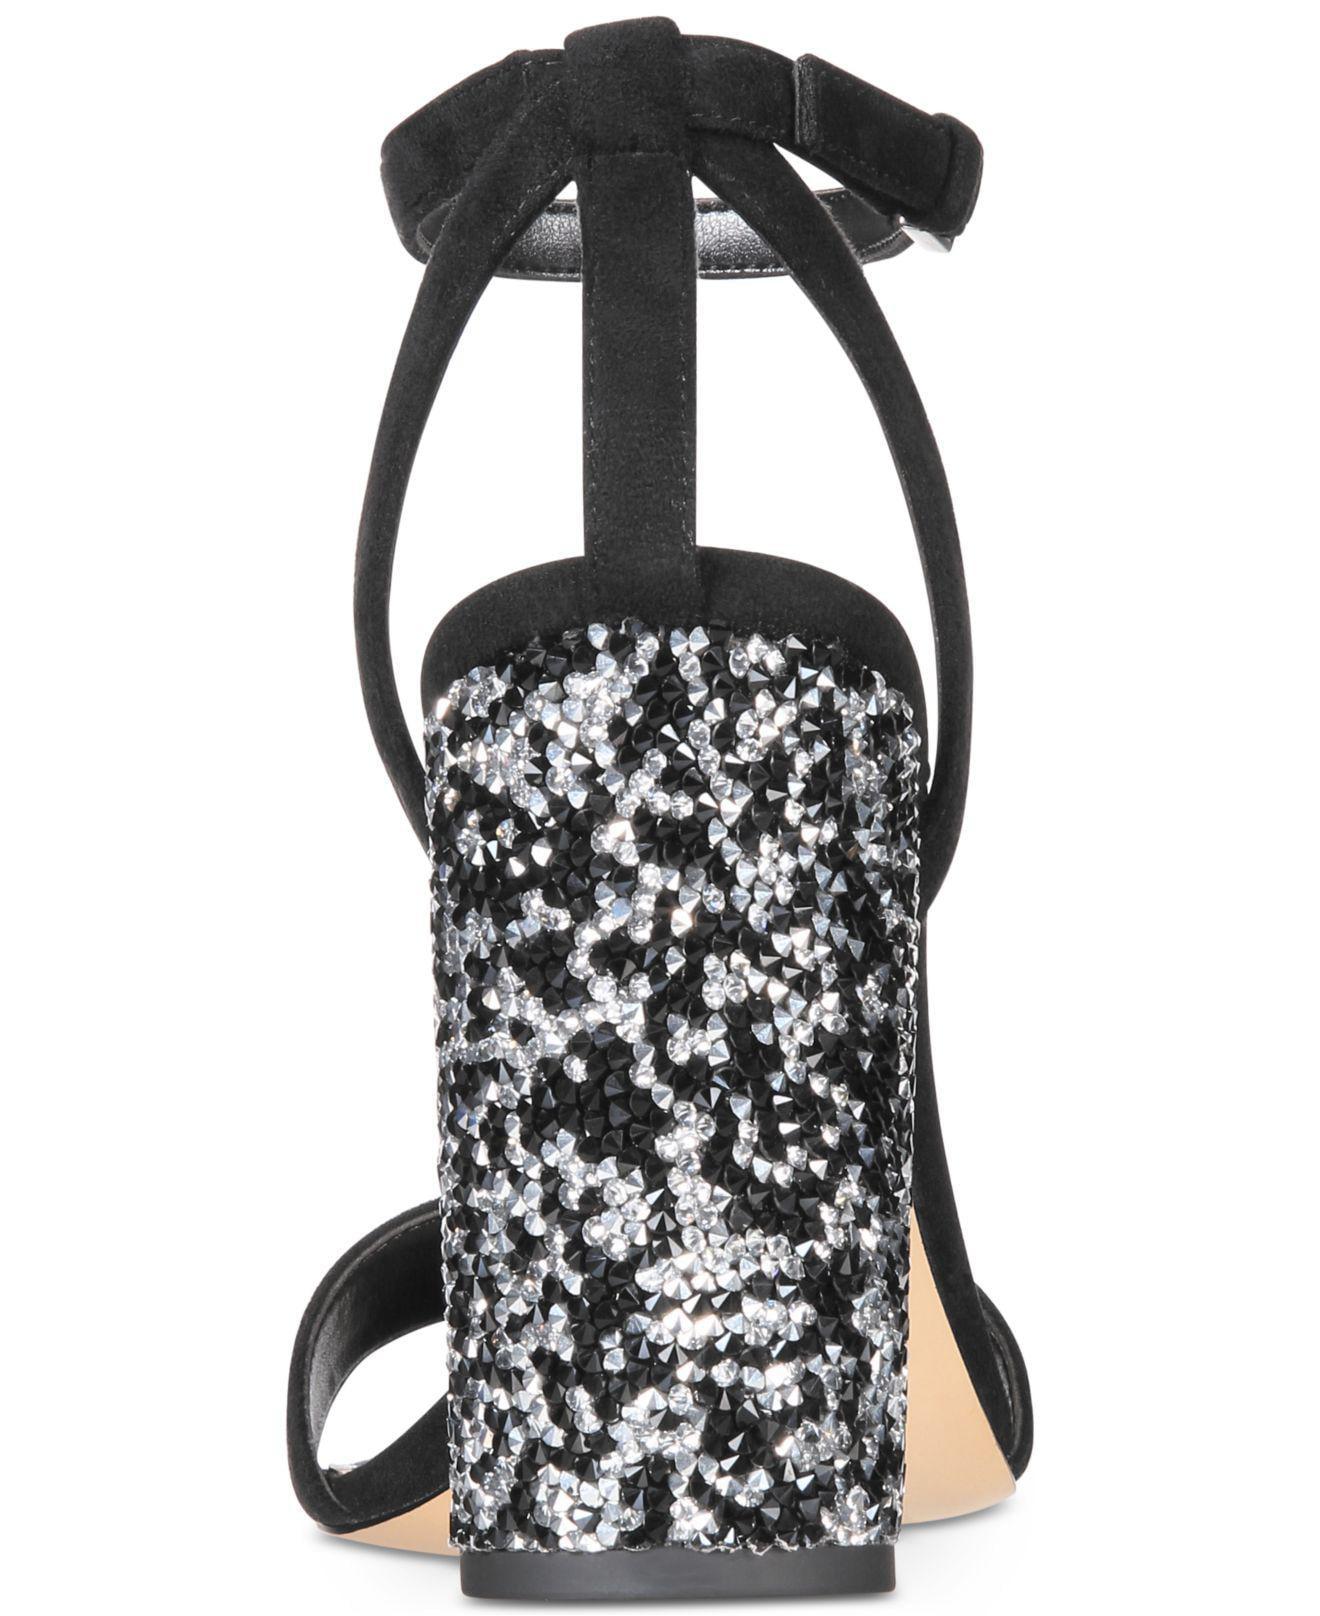 3e53ec4651a ALDO - Aldo Womens Rossena-98 Open Toe Special Occasion Slingback Sandals -  Walmart.com